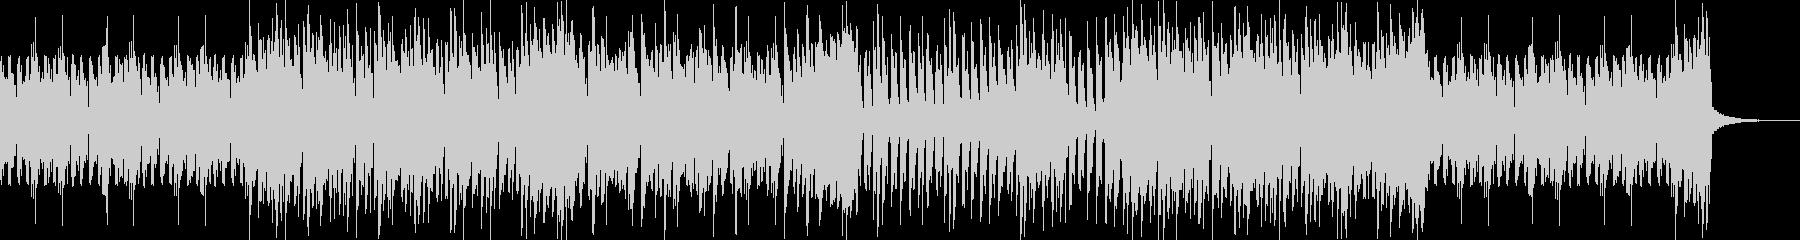 忍者チェイス疾走感のある三味線エレクトロの未再生の波形